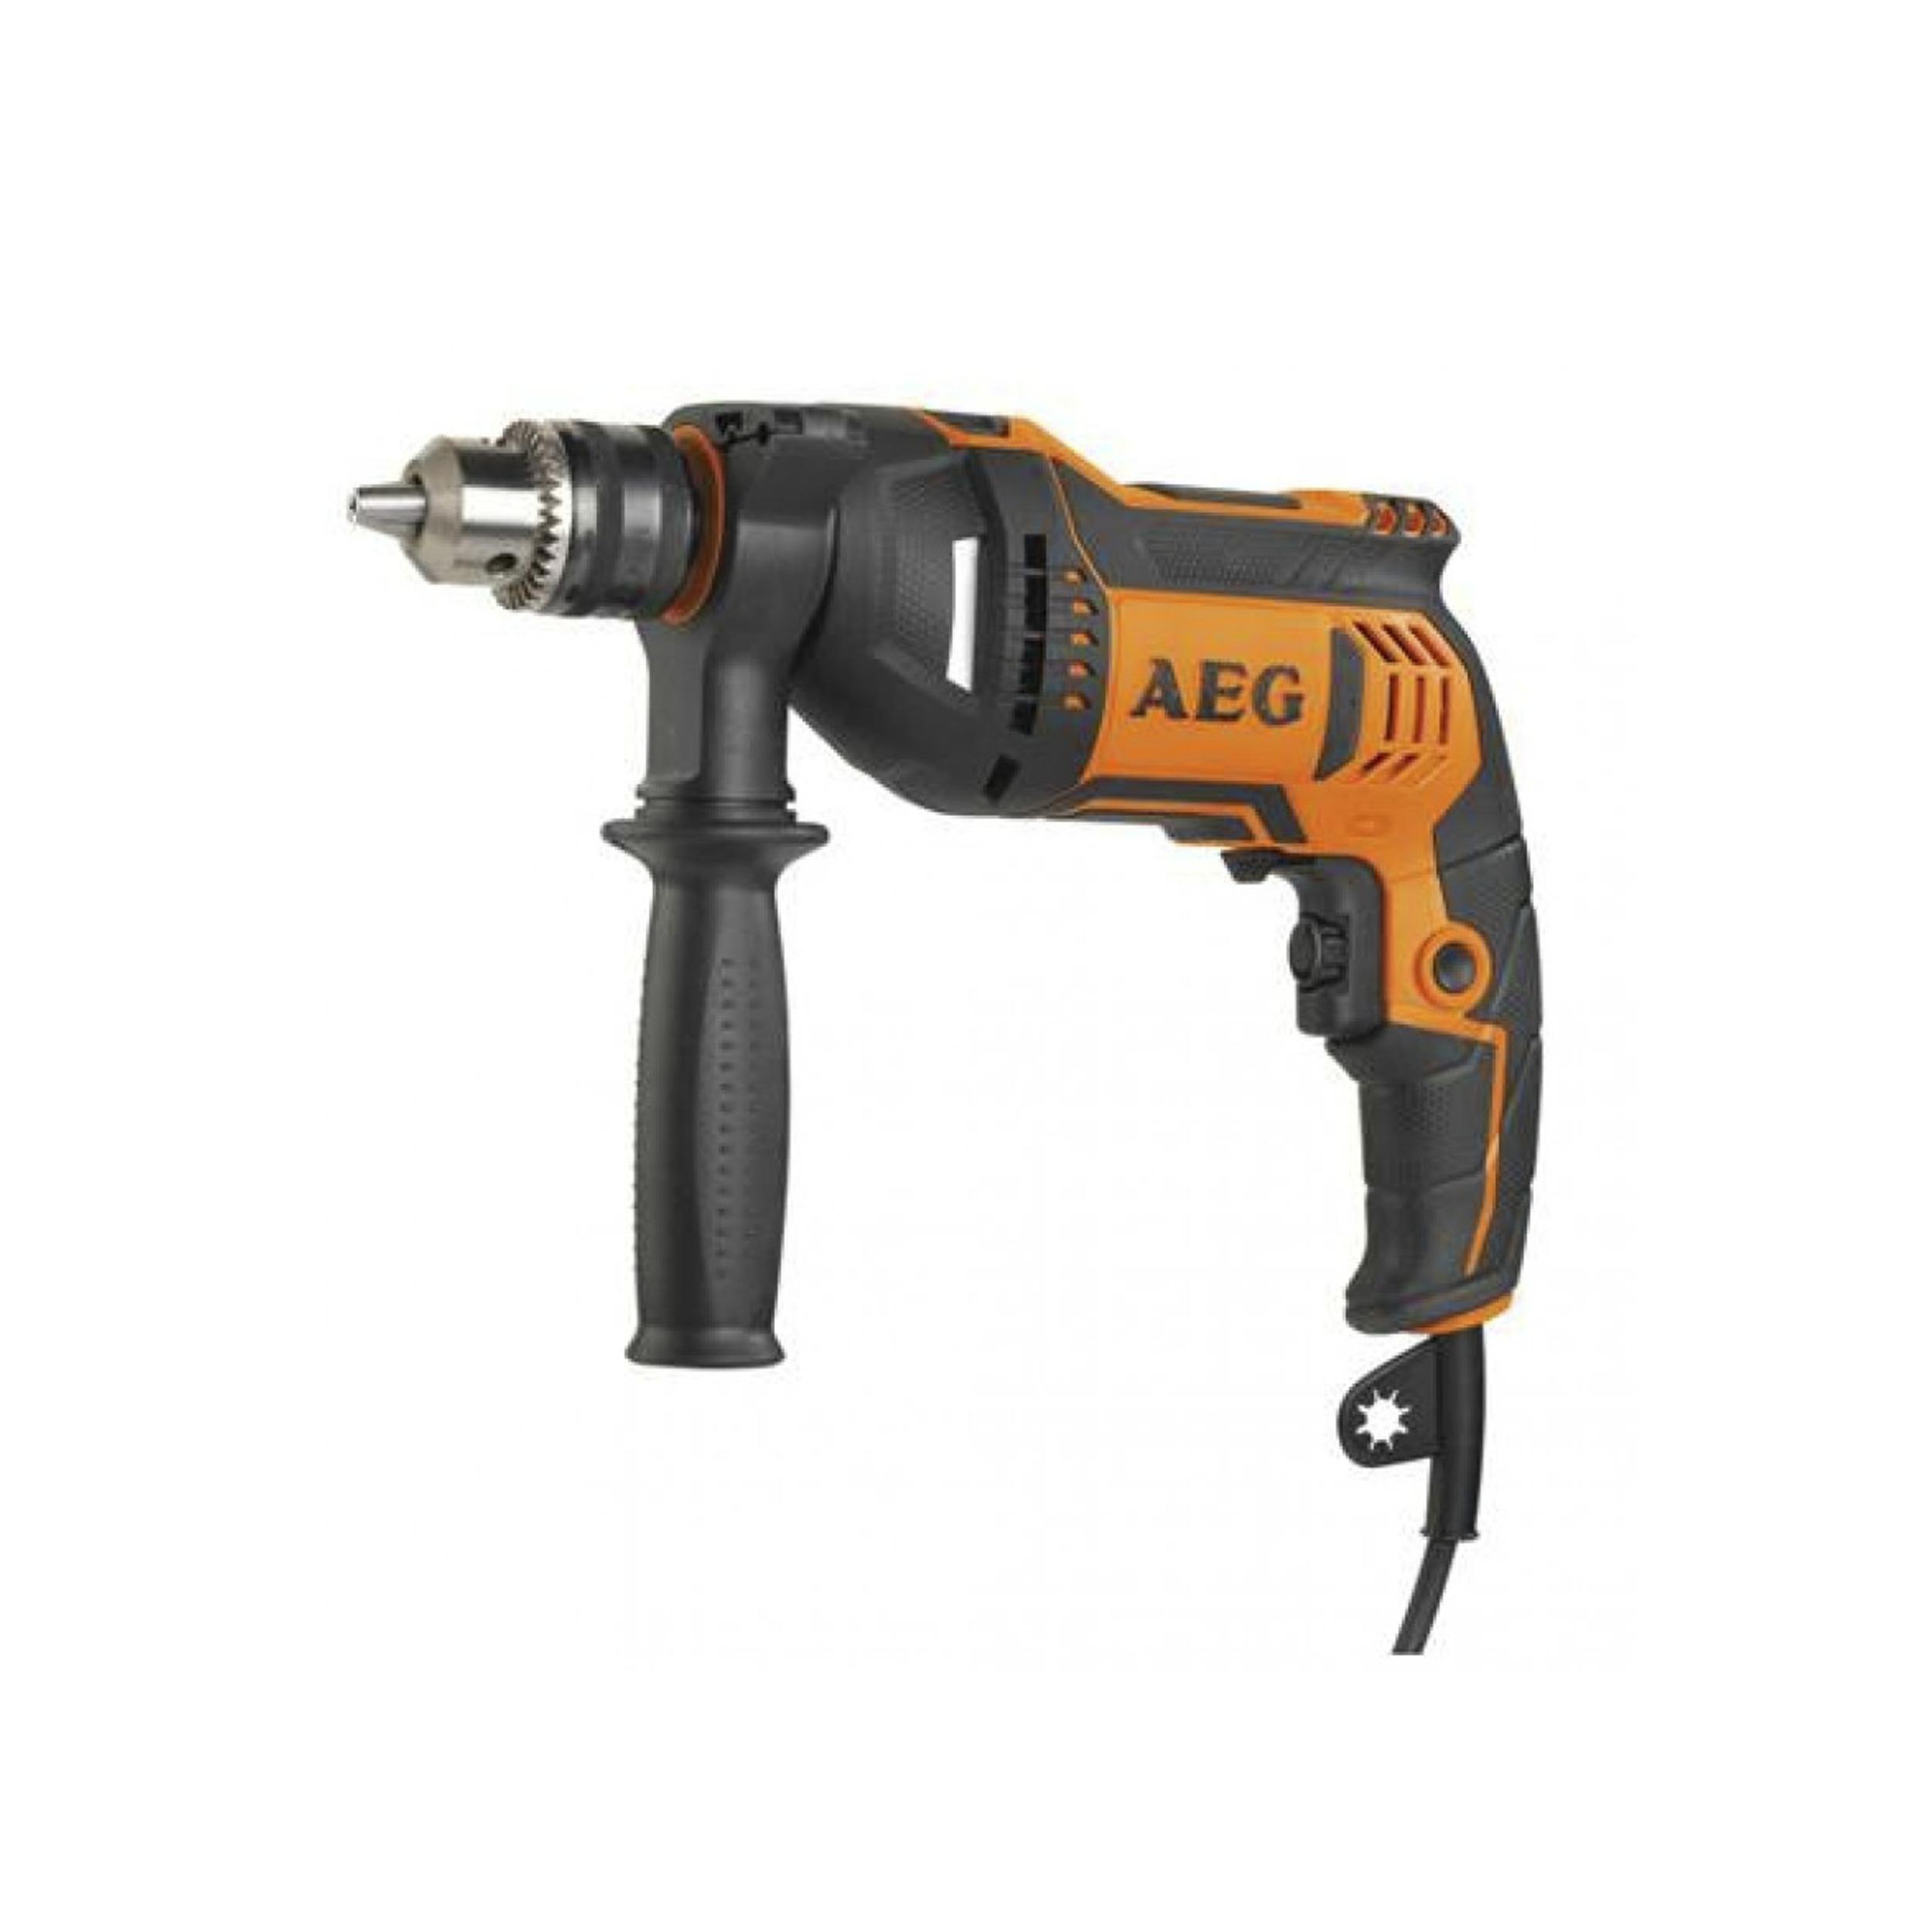 AEG klopboormachine SBE 750 RZ